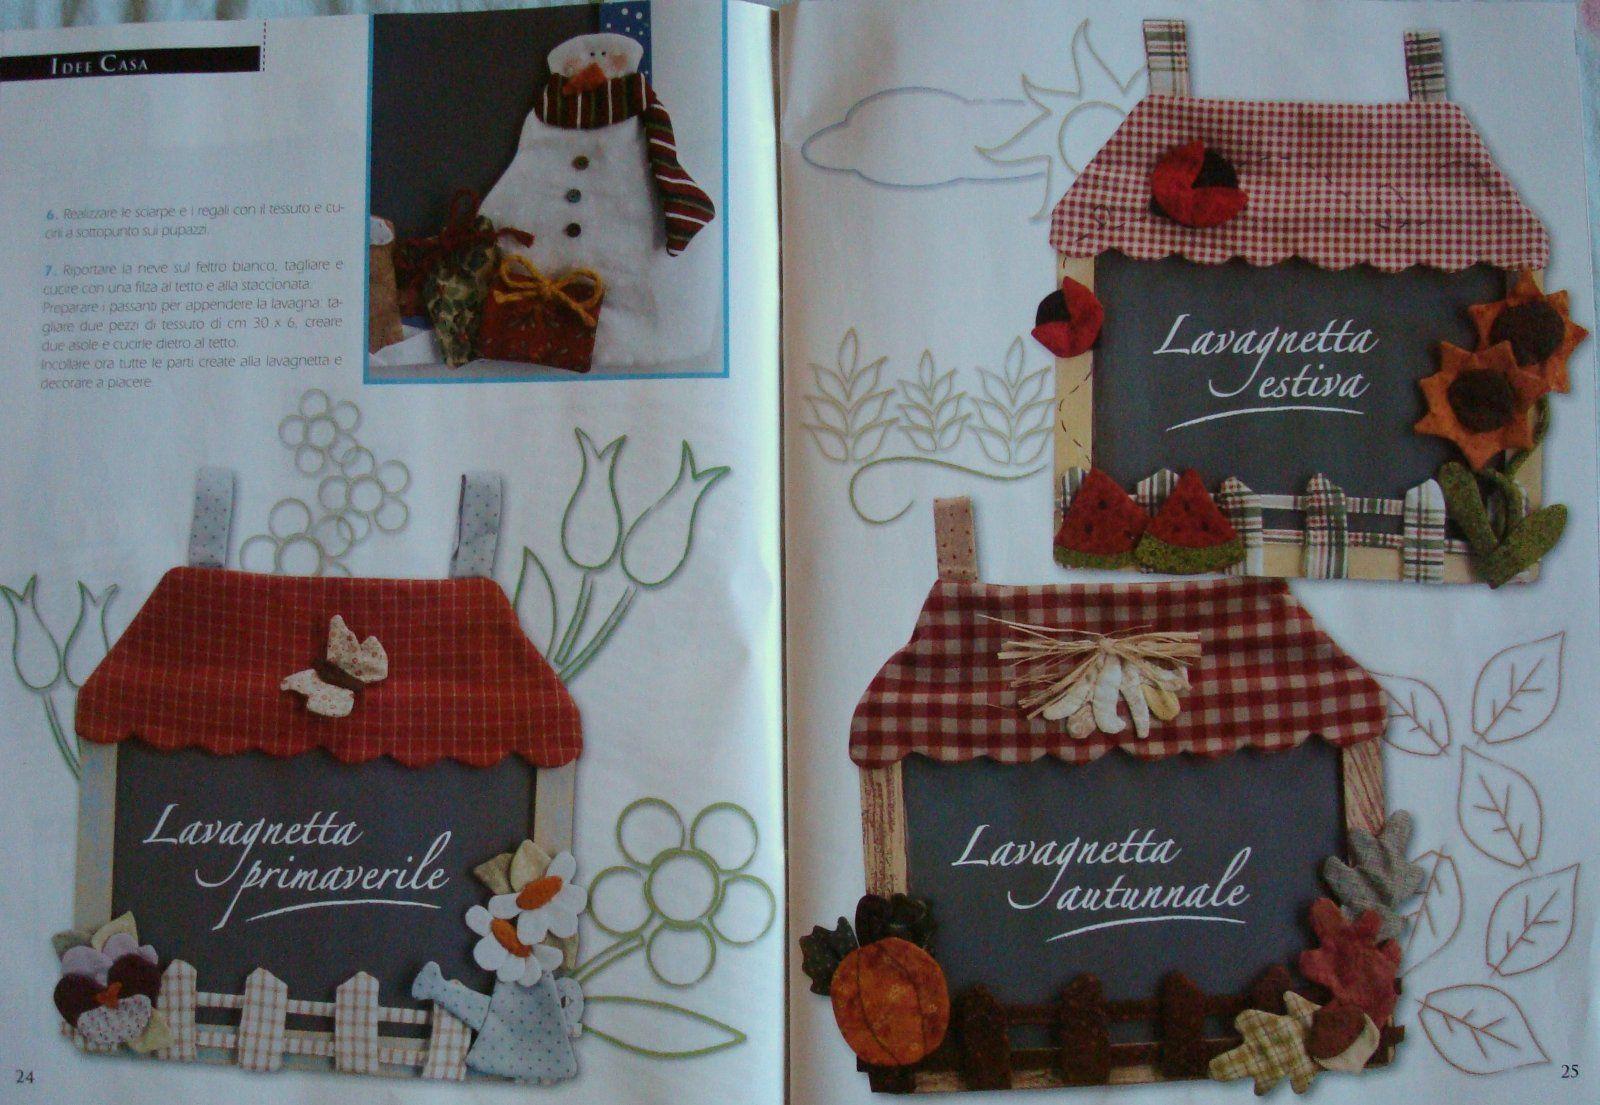 pannelli cucito creativo per cucina - Cerca con Google ...